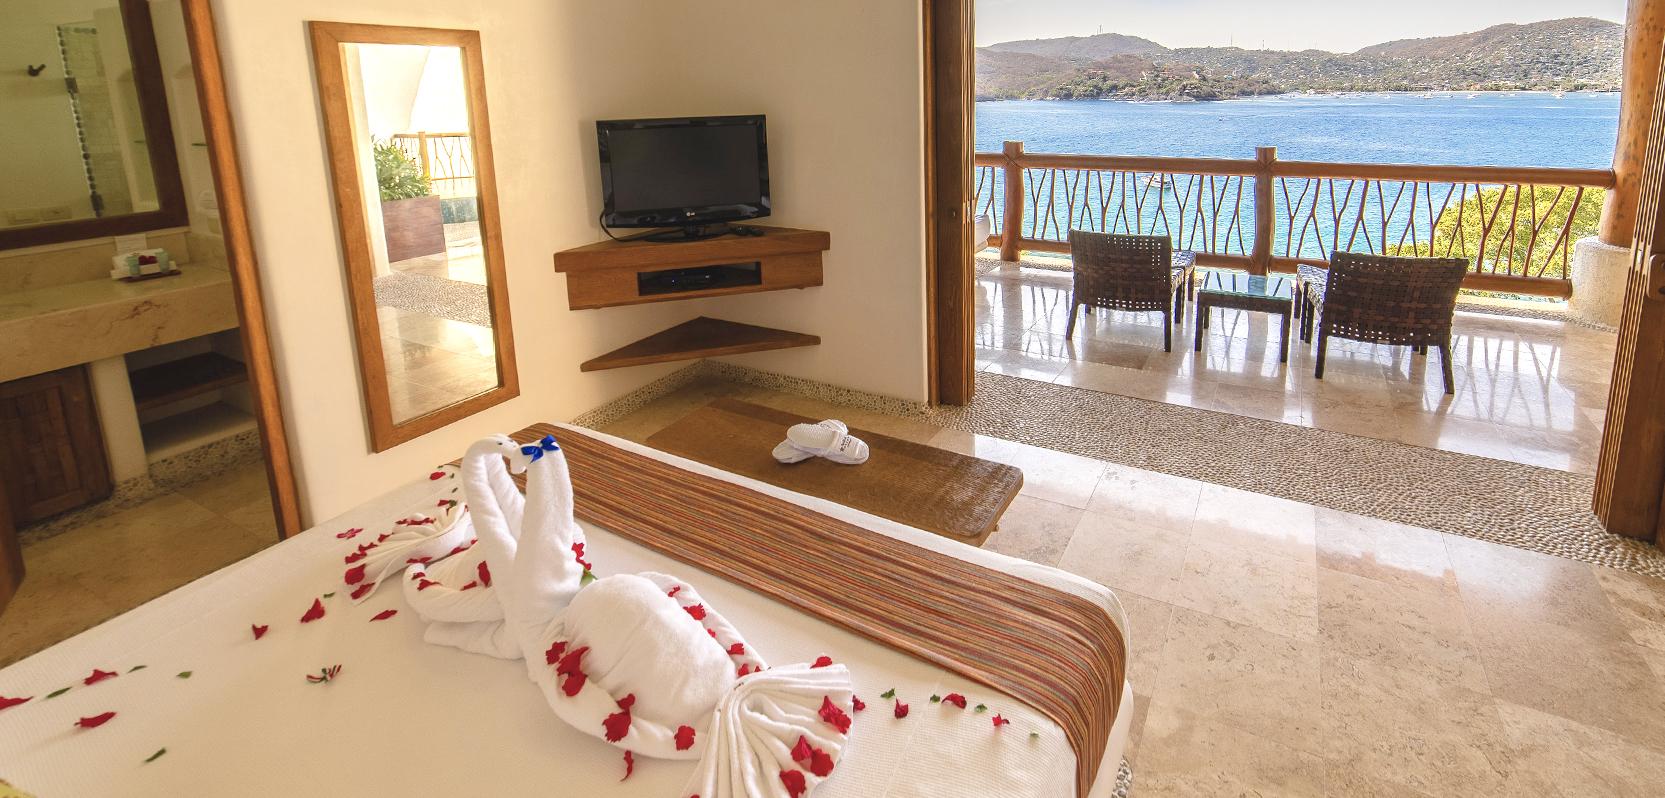 Pacifica luxury suites